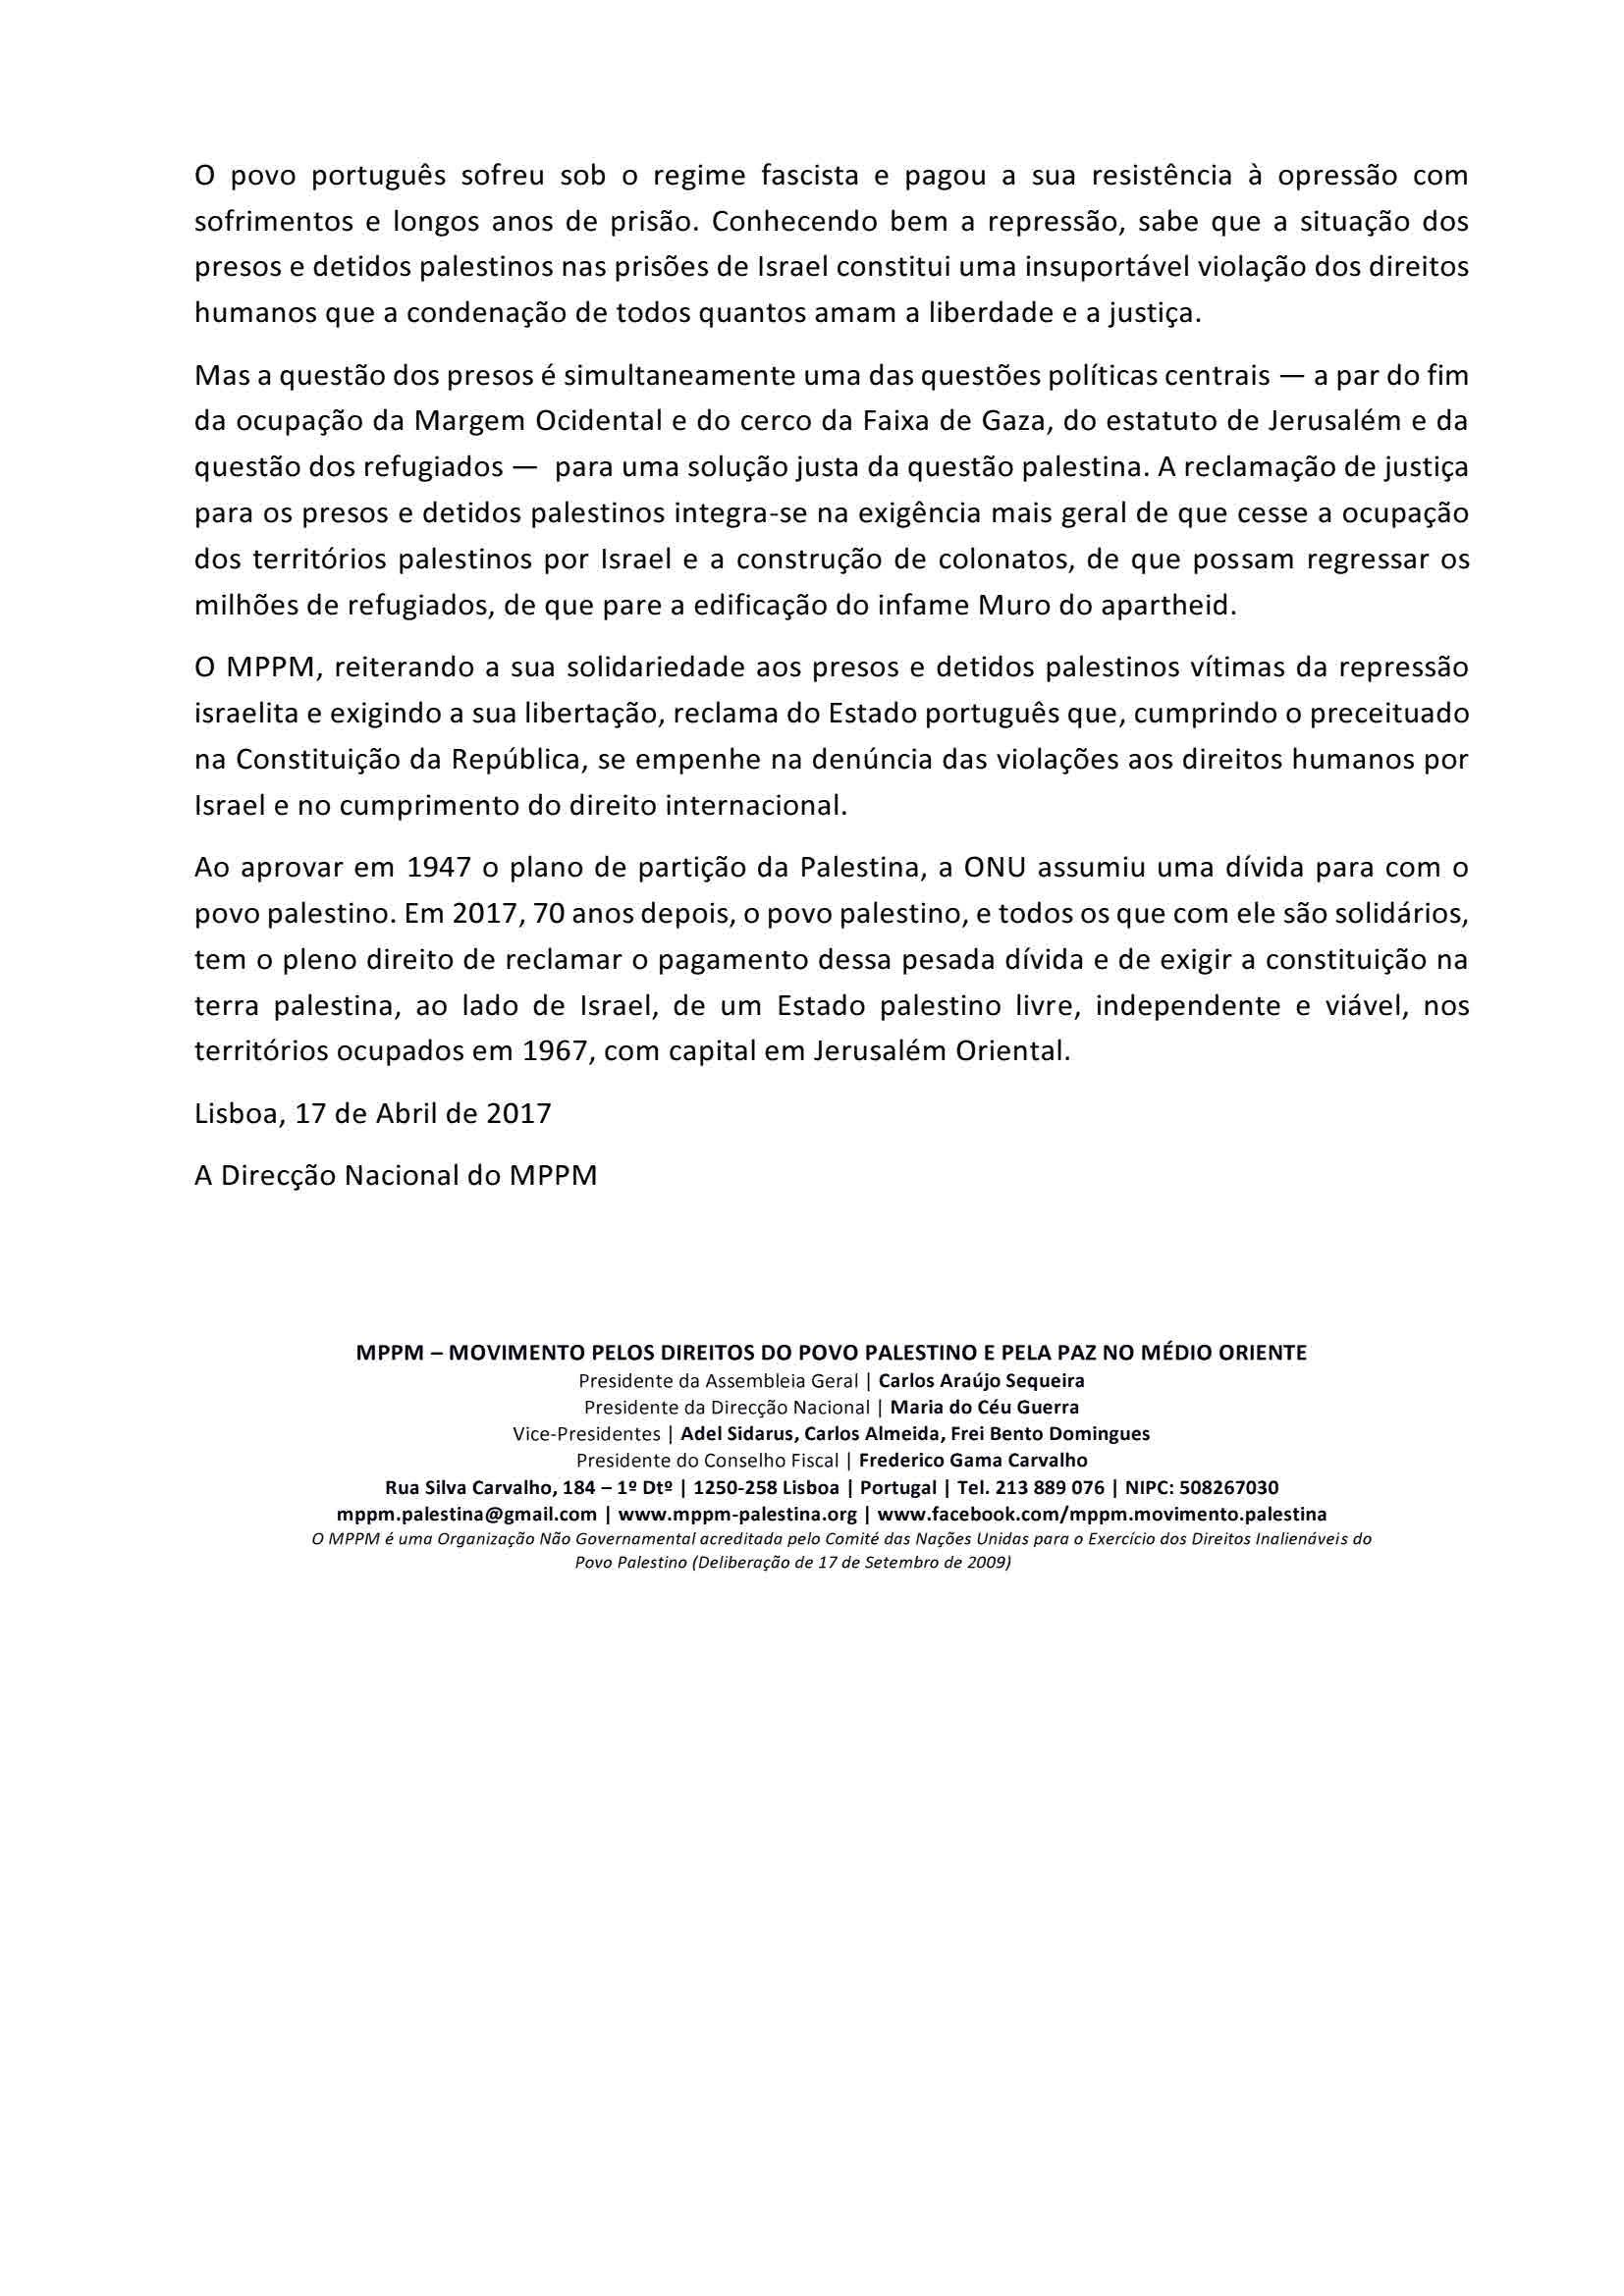 Comunicado 09-2017 – MPPM reafirma solidariedade com presos palestinos (2)